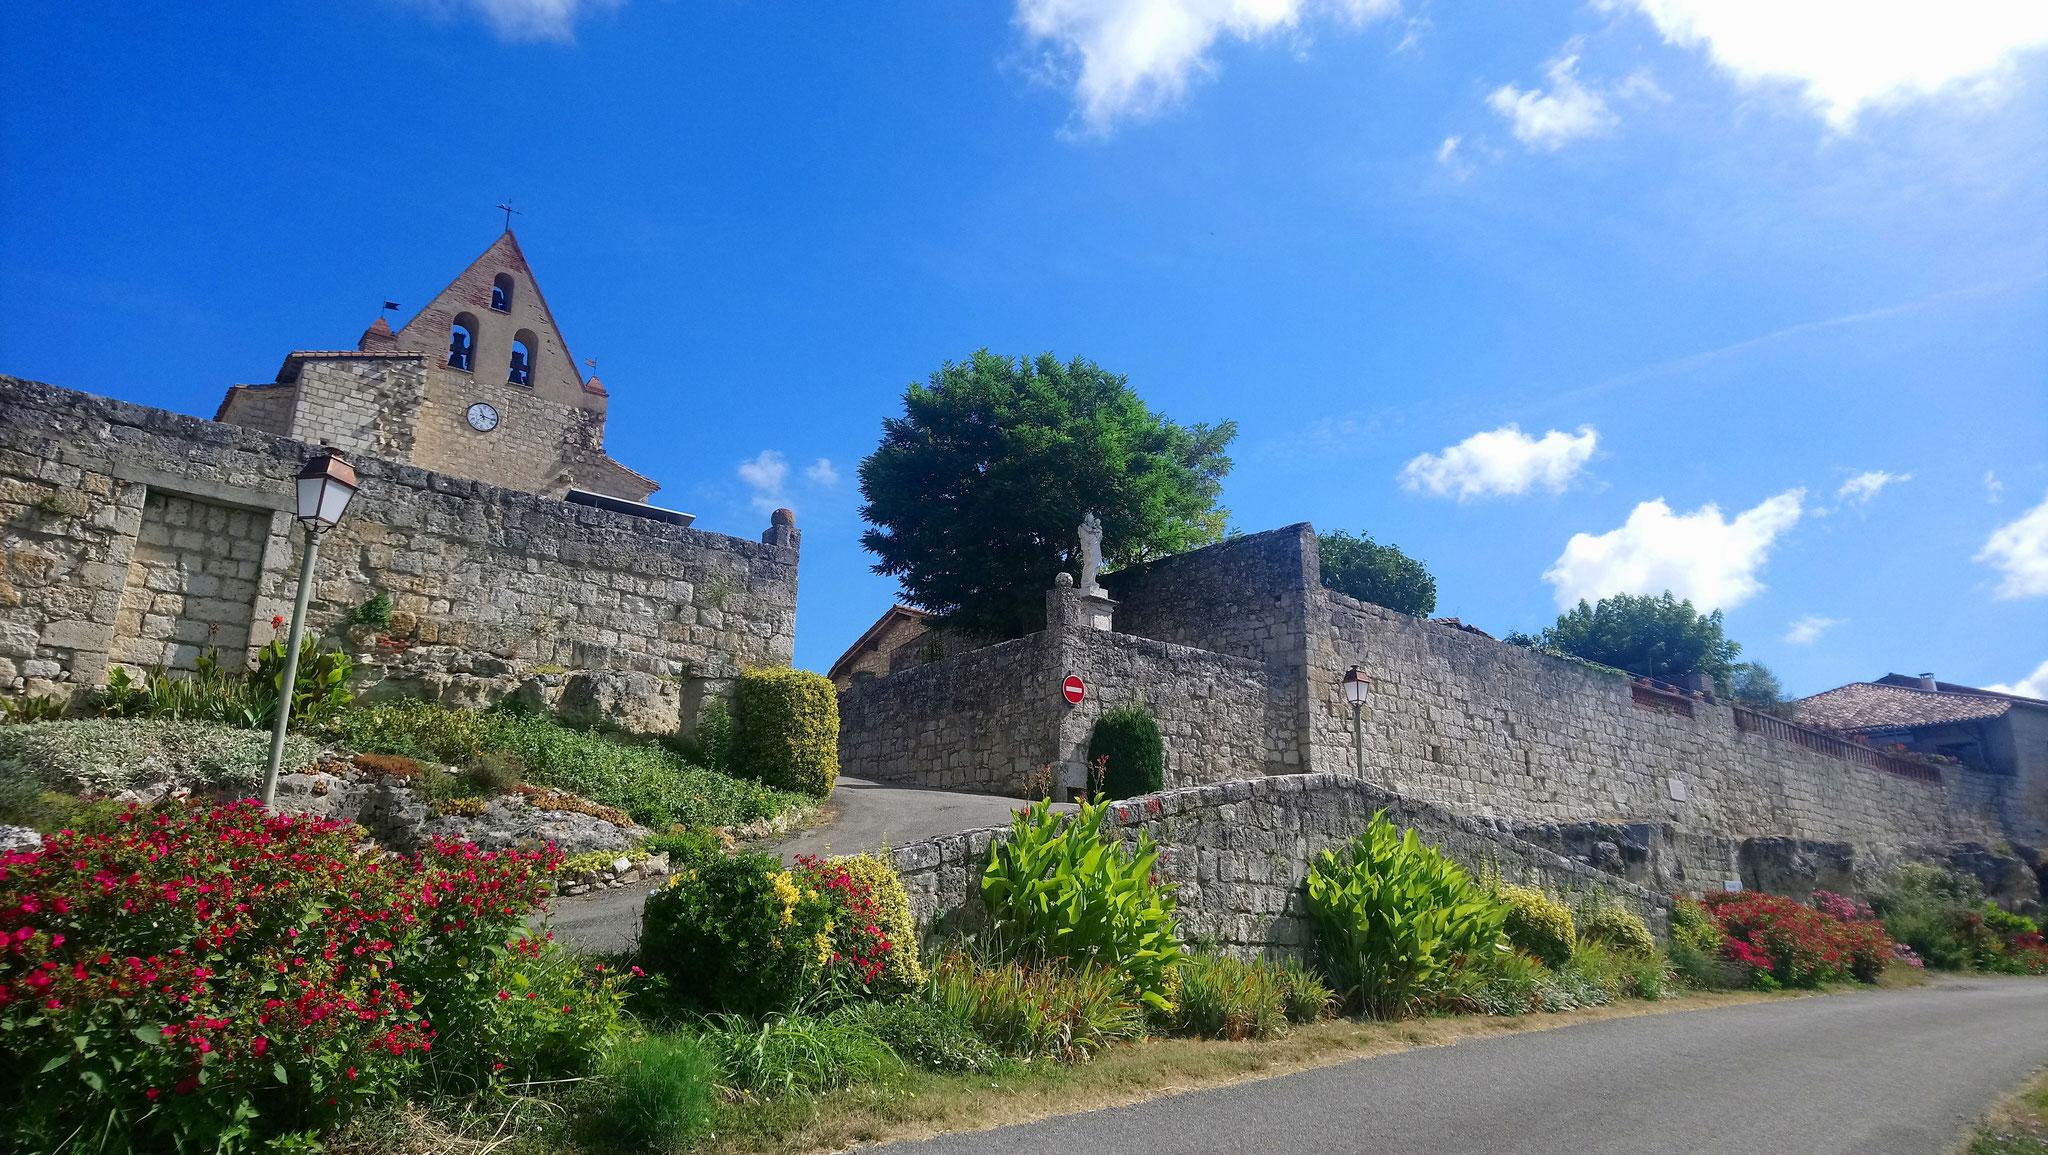 L'église Saint-Orens de Maubec